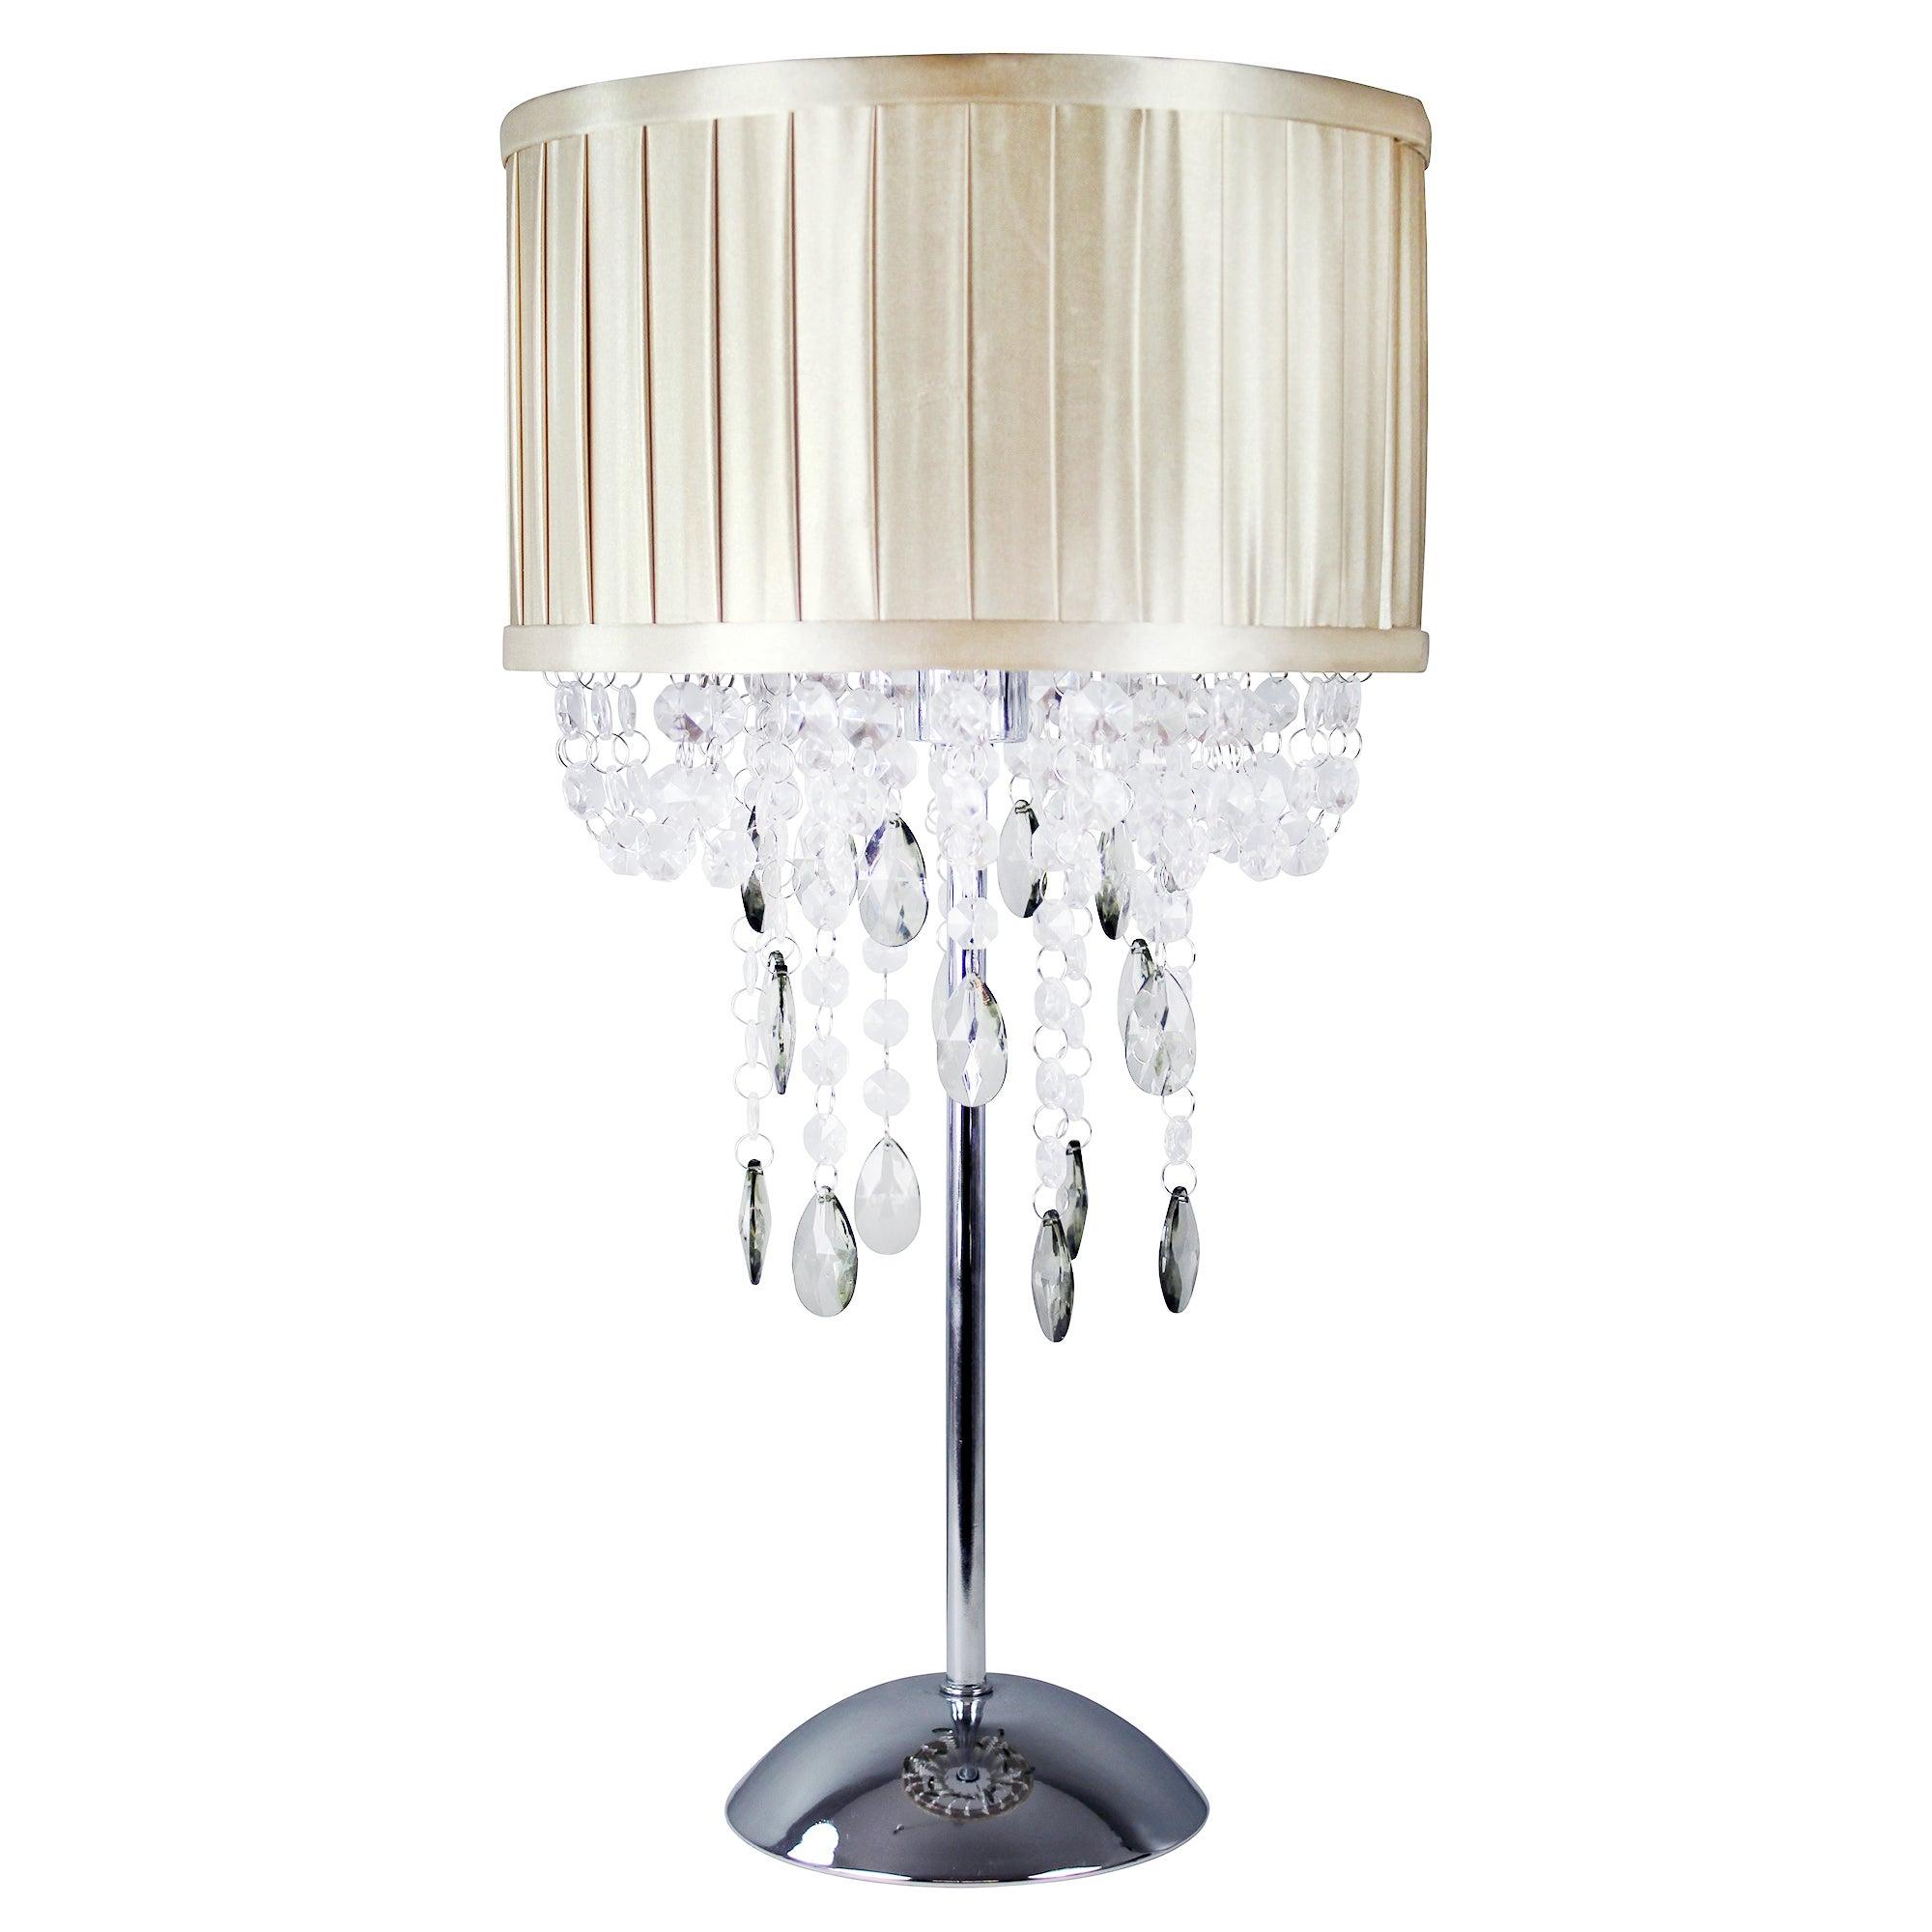 Glitter lamp dunelm in OL6 Tameside for